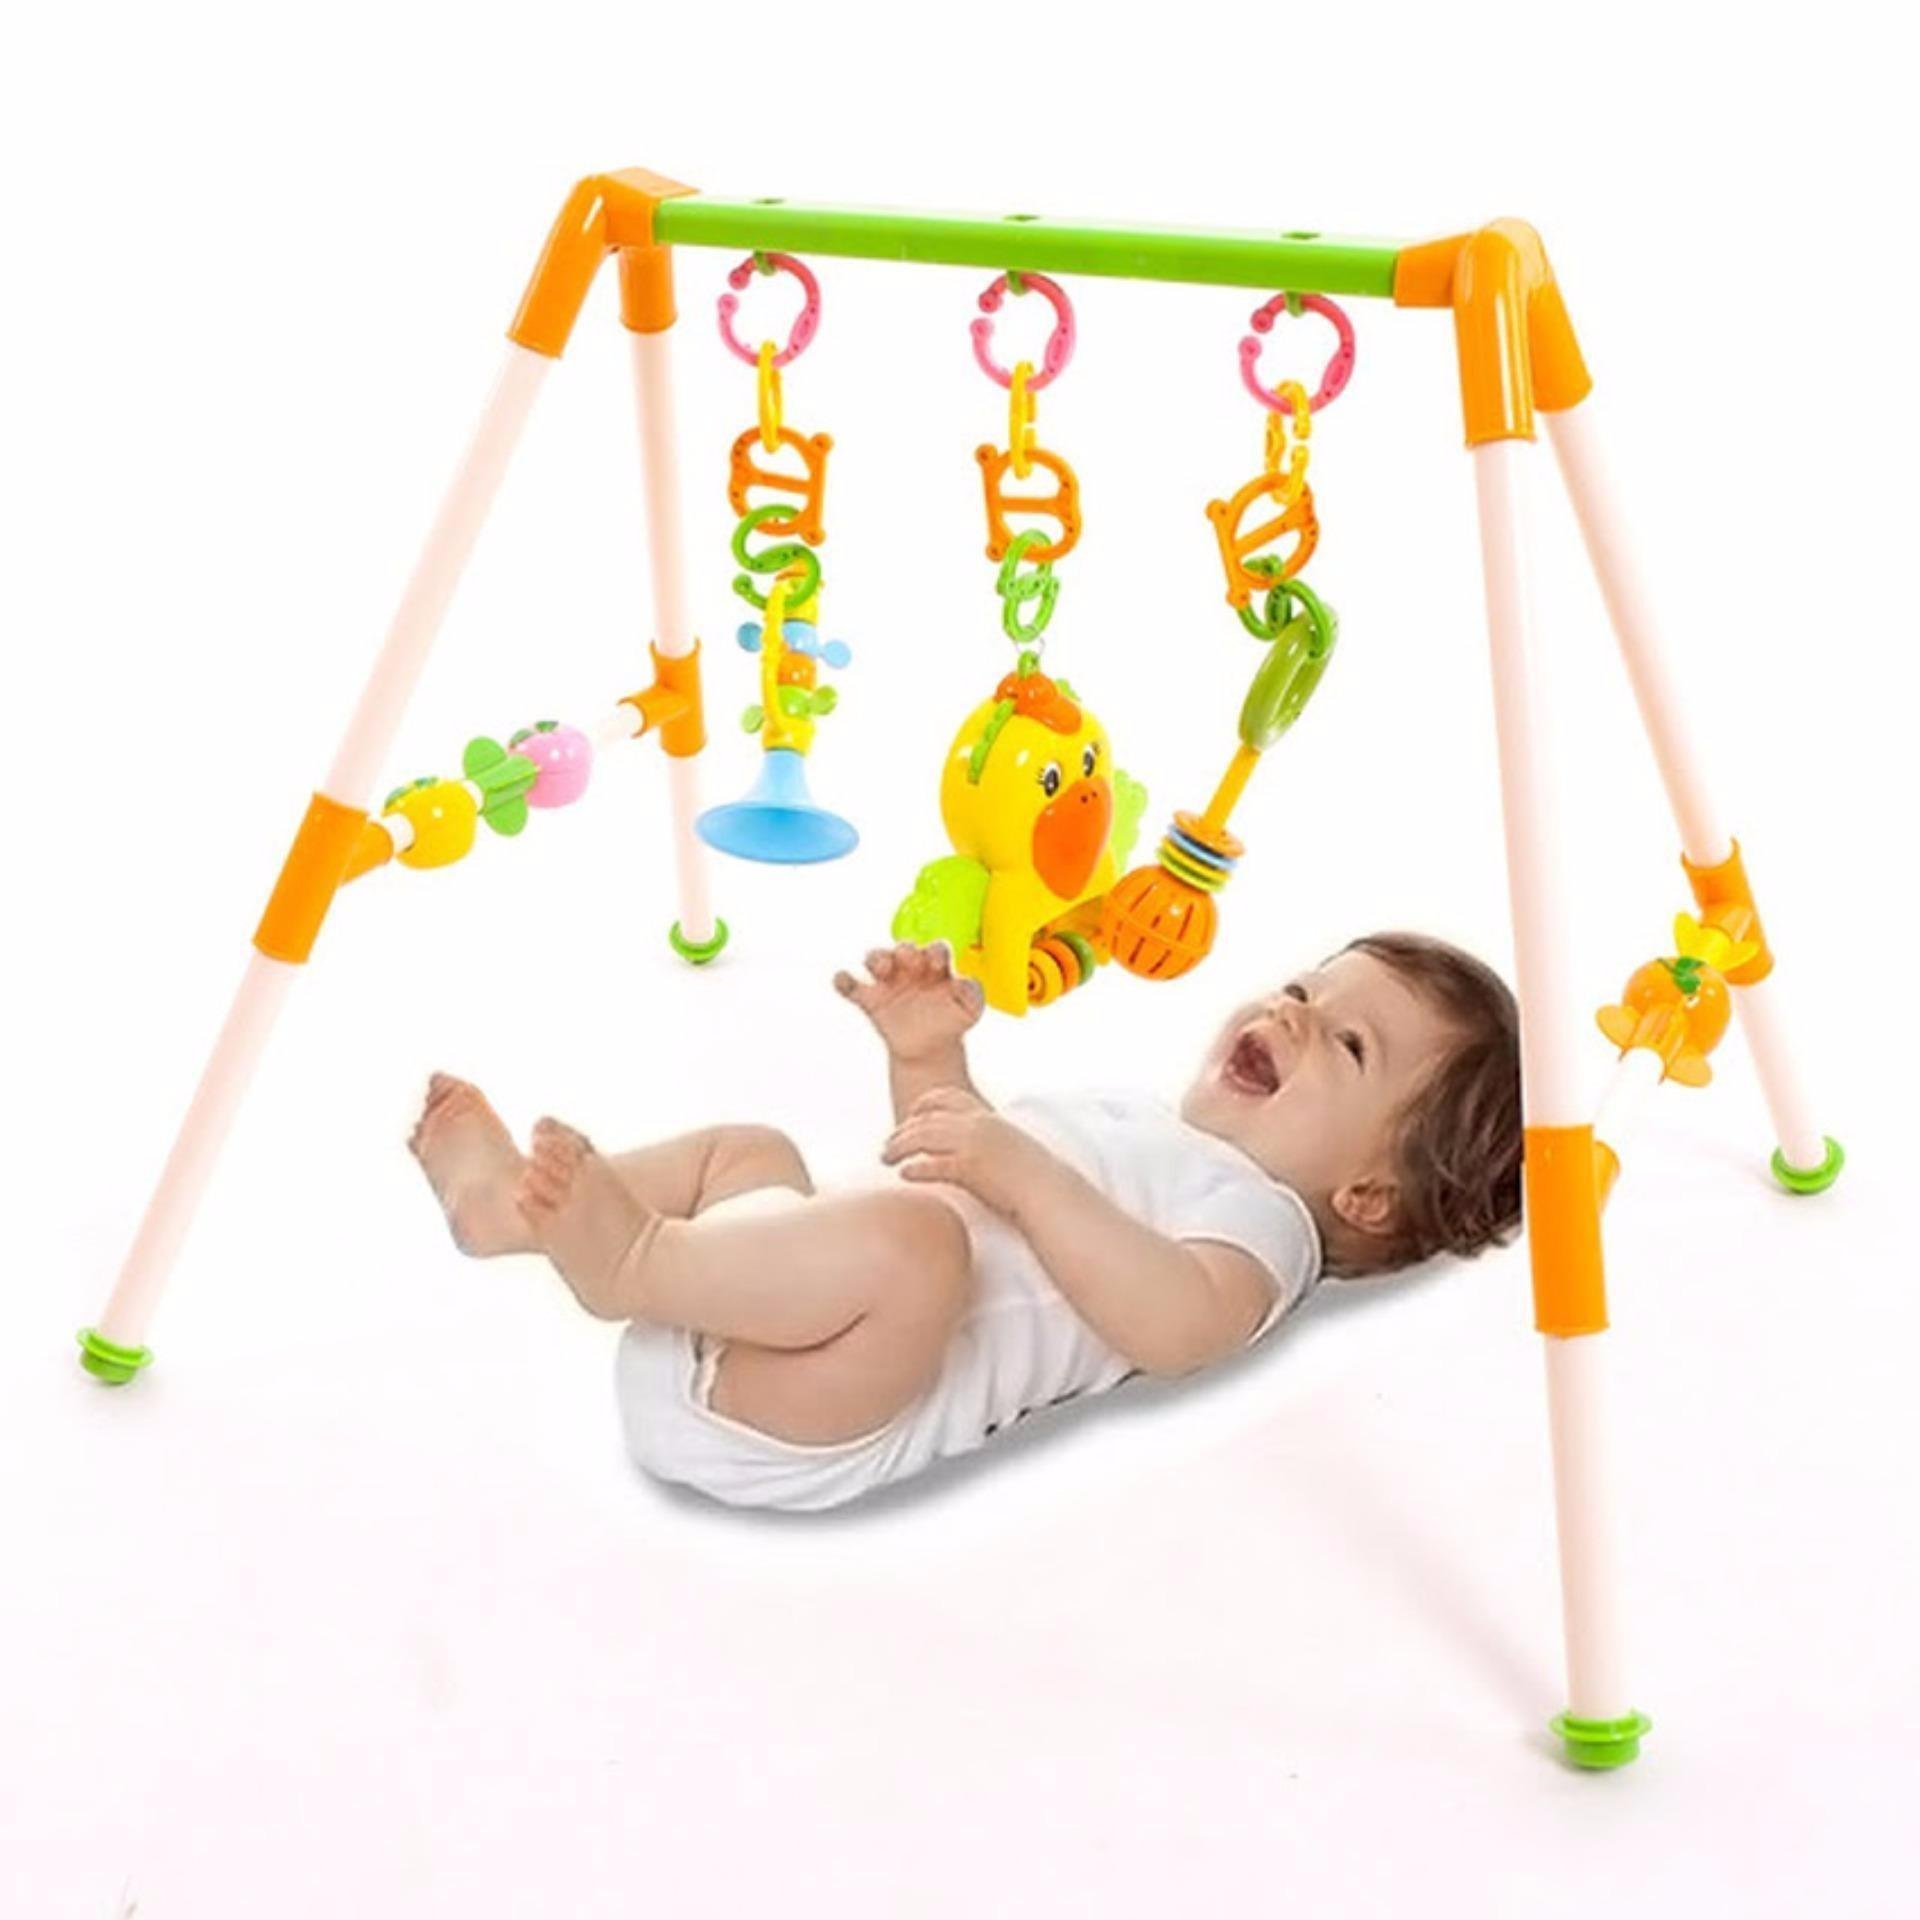 Hình ảnh Kệ vẹt chữ A cho bé chơi trên giường (âm thanh, đồ chơi giúp bé ngoan hơn)